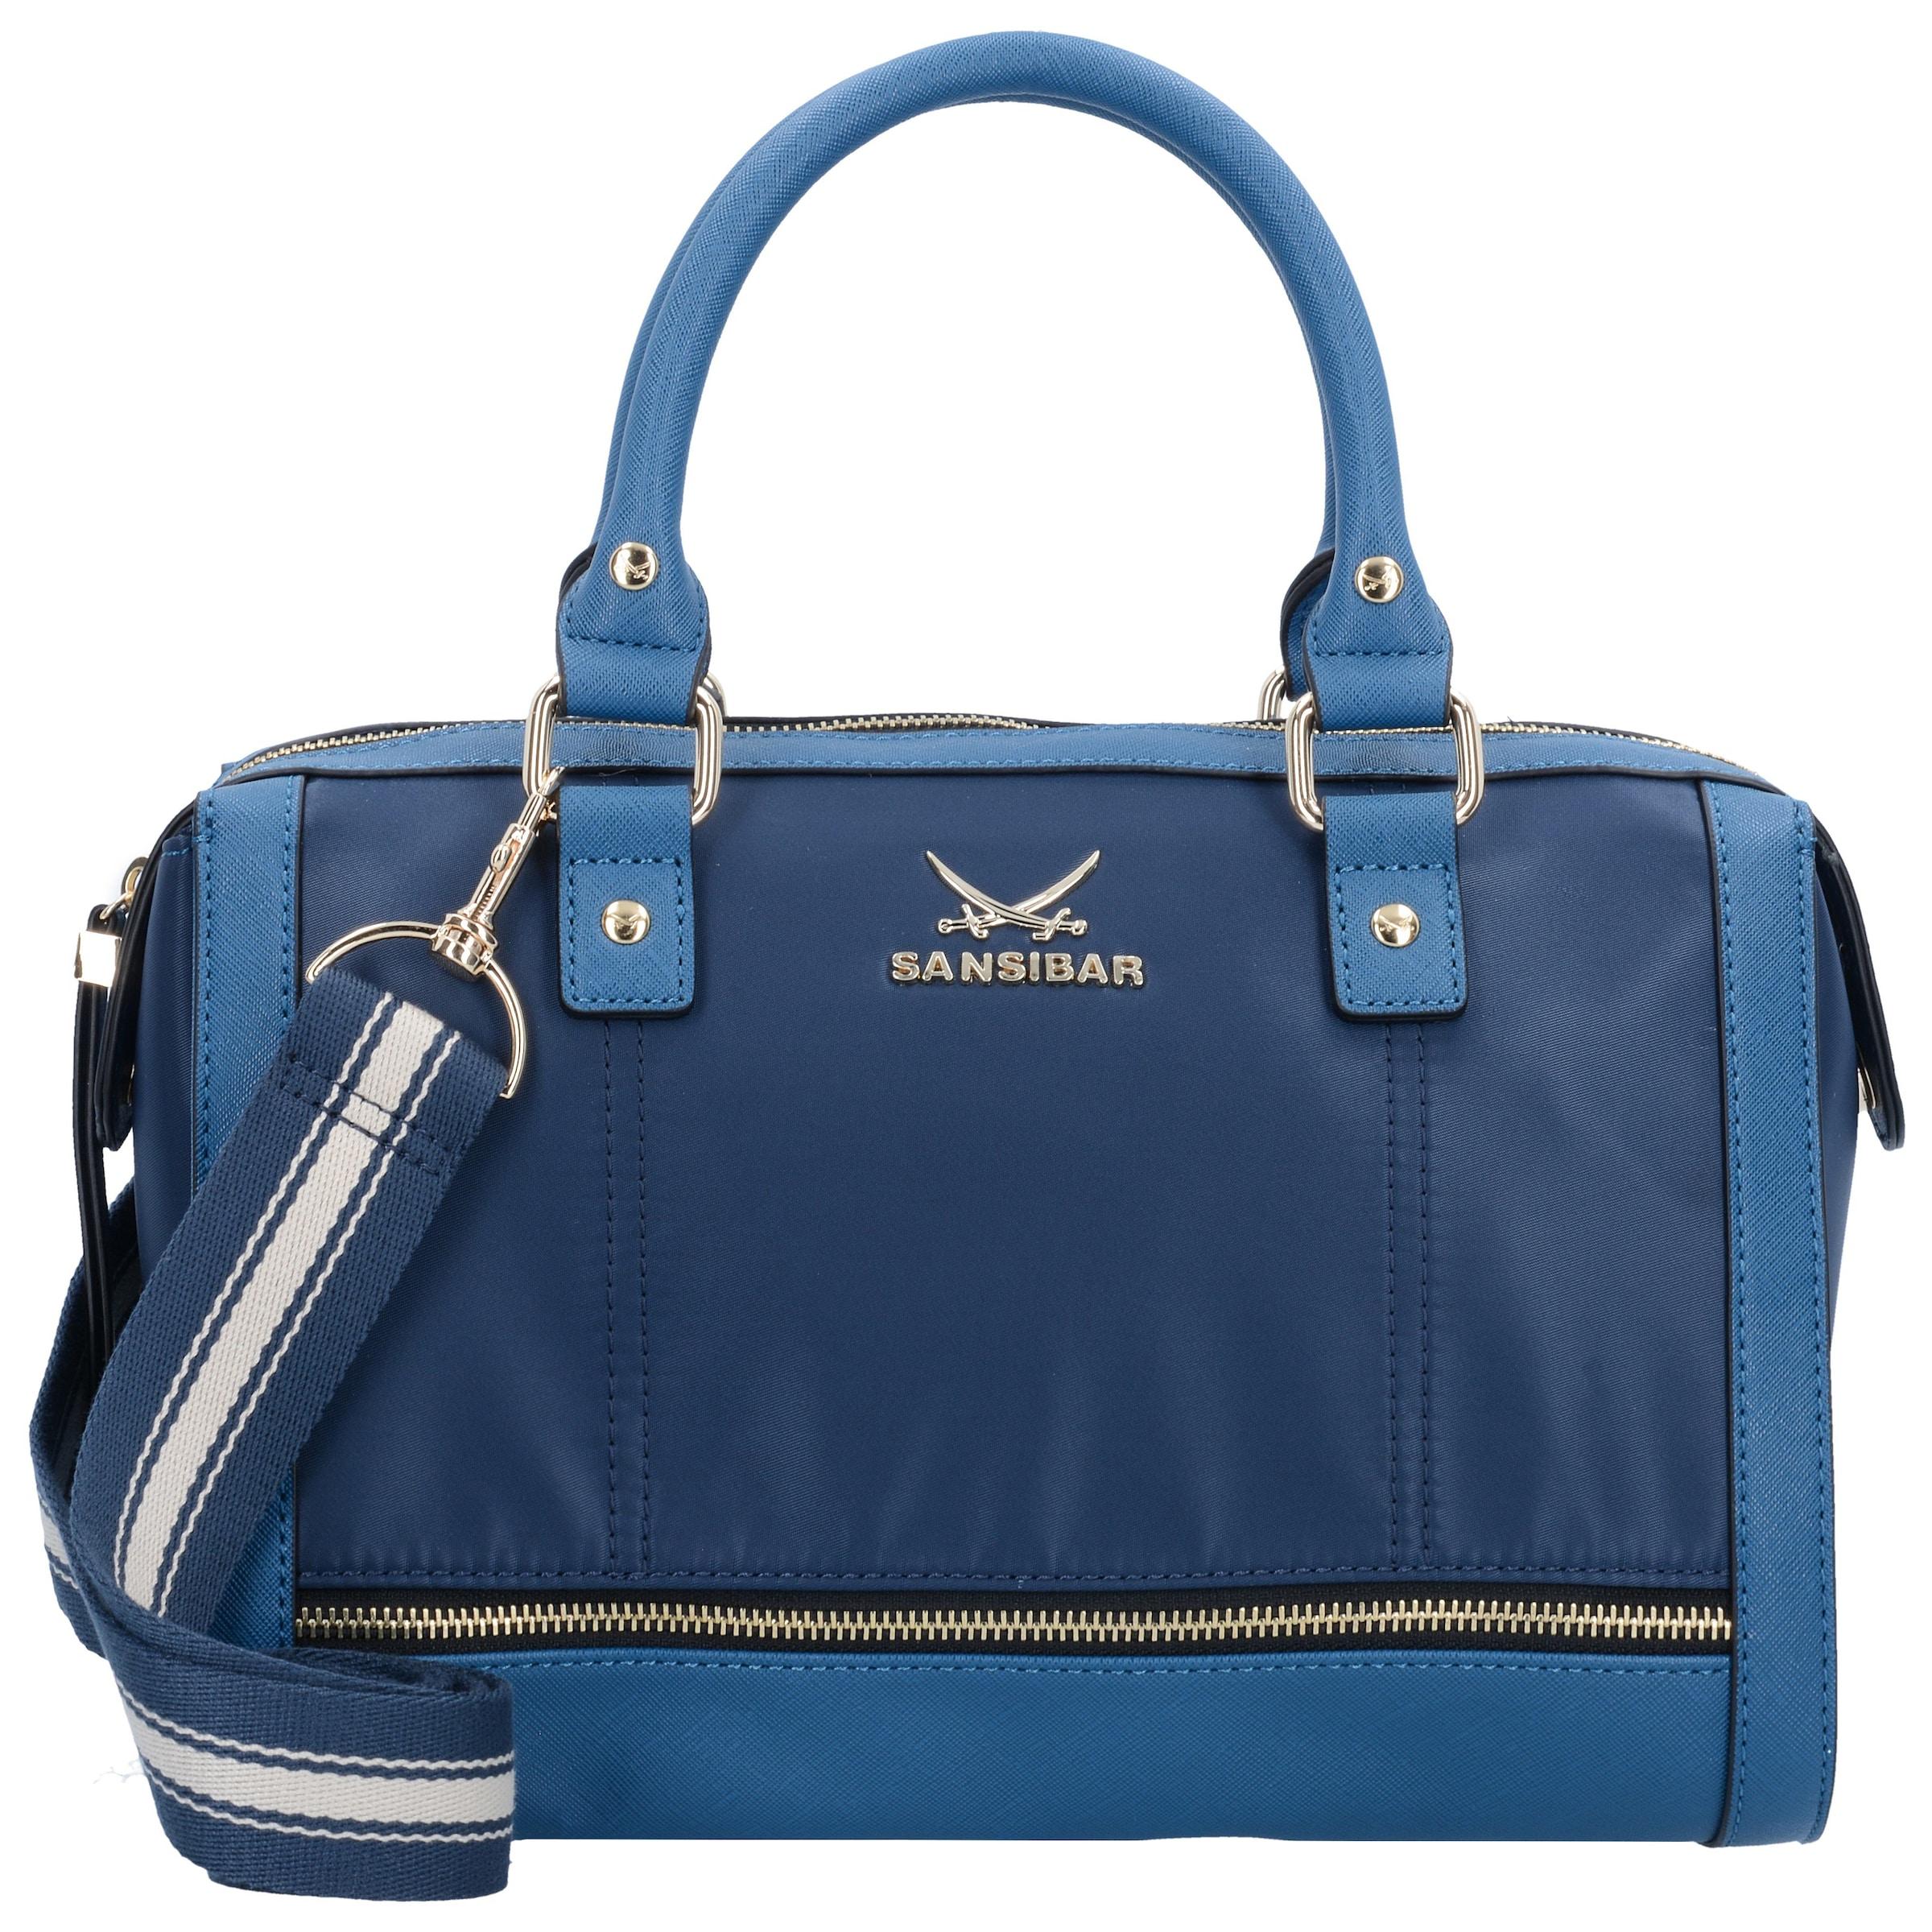 Gold In Sansibar Sansibar Handtasche BlauDunkelblau Nw0OnPkX8Z